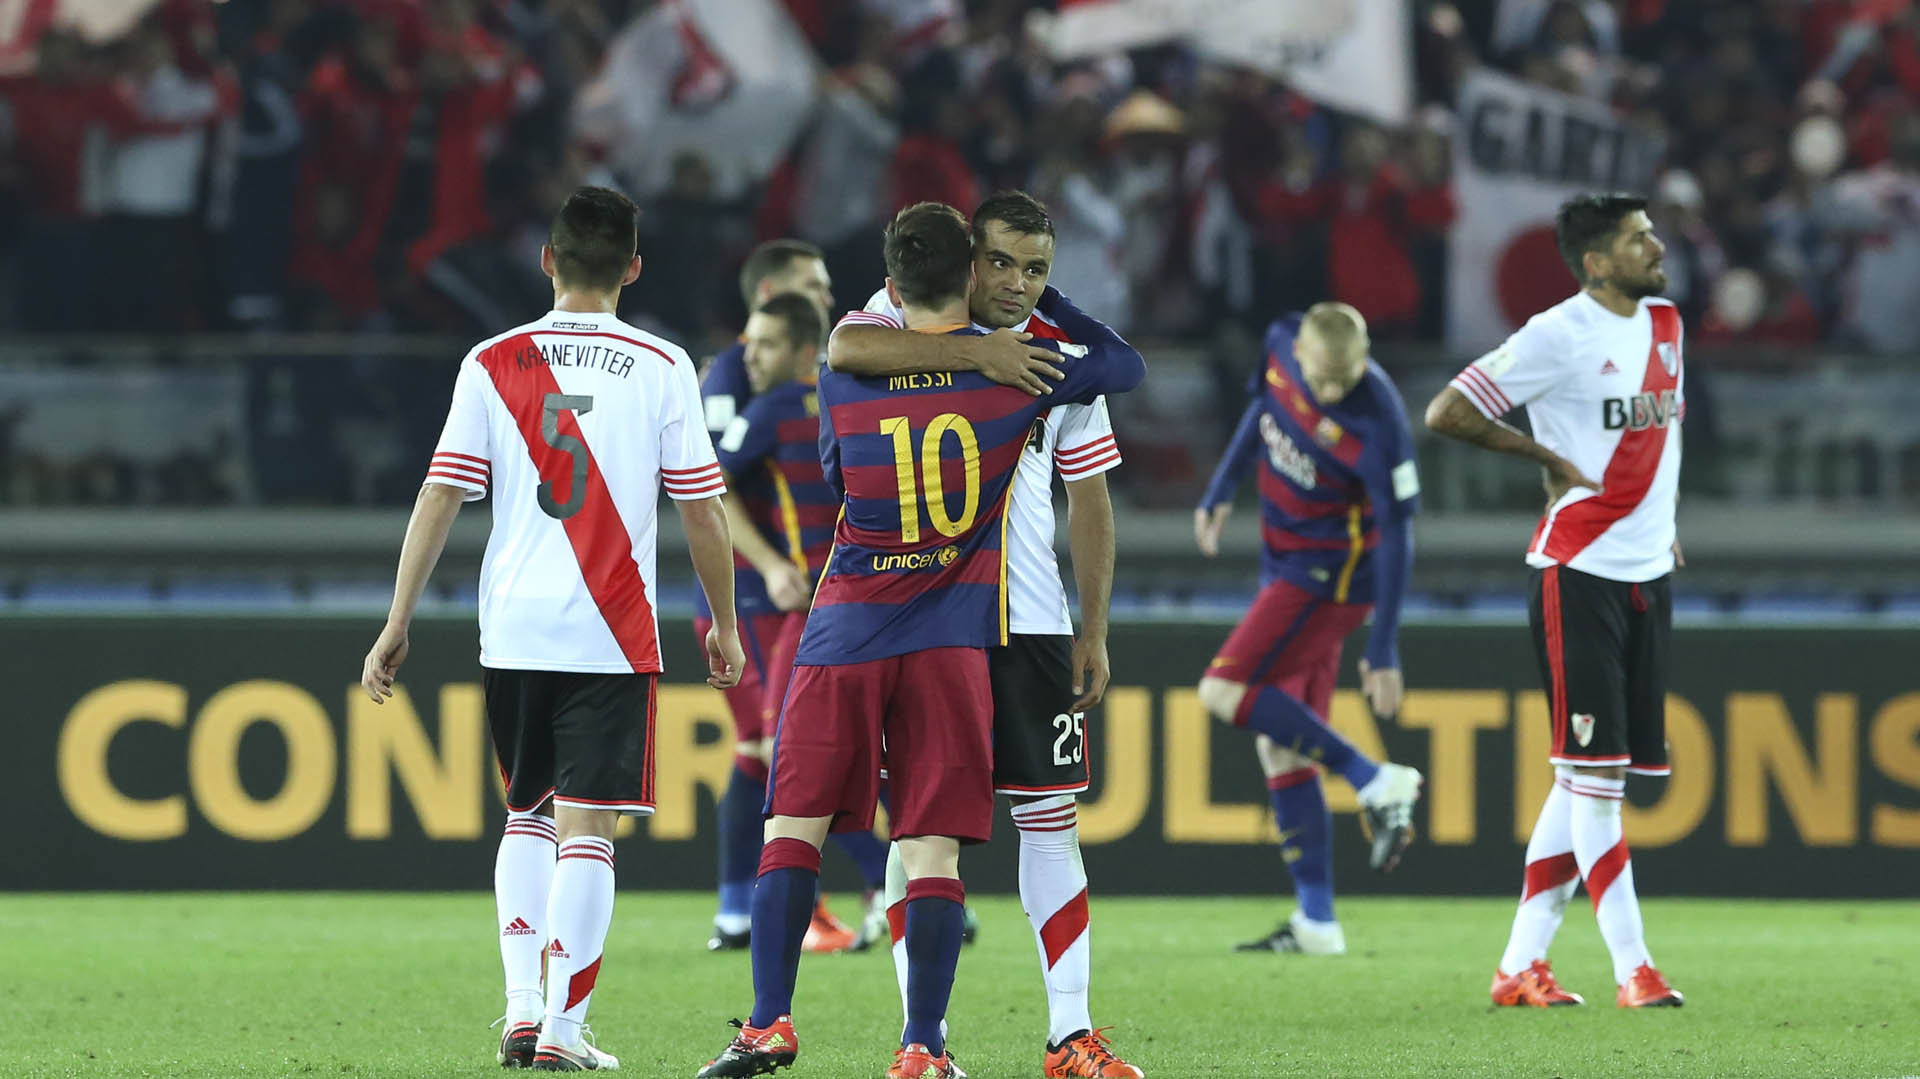 Un diario español generó revuelo al vincular a Messi con River a 3 días de  la Superfinal con Boca - Infobae